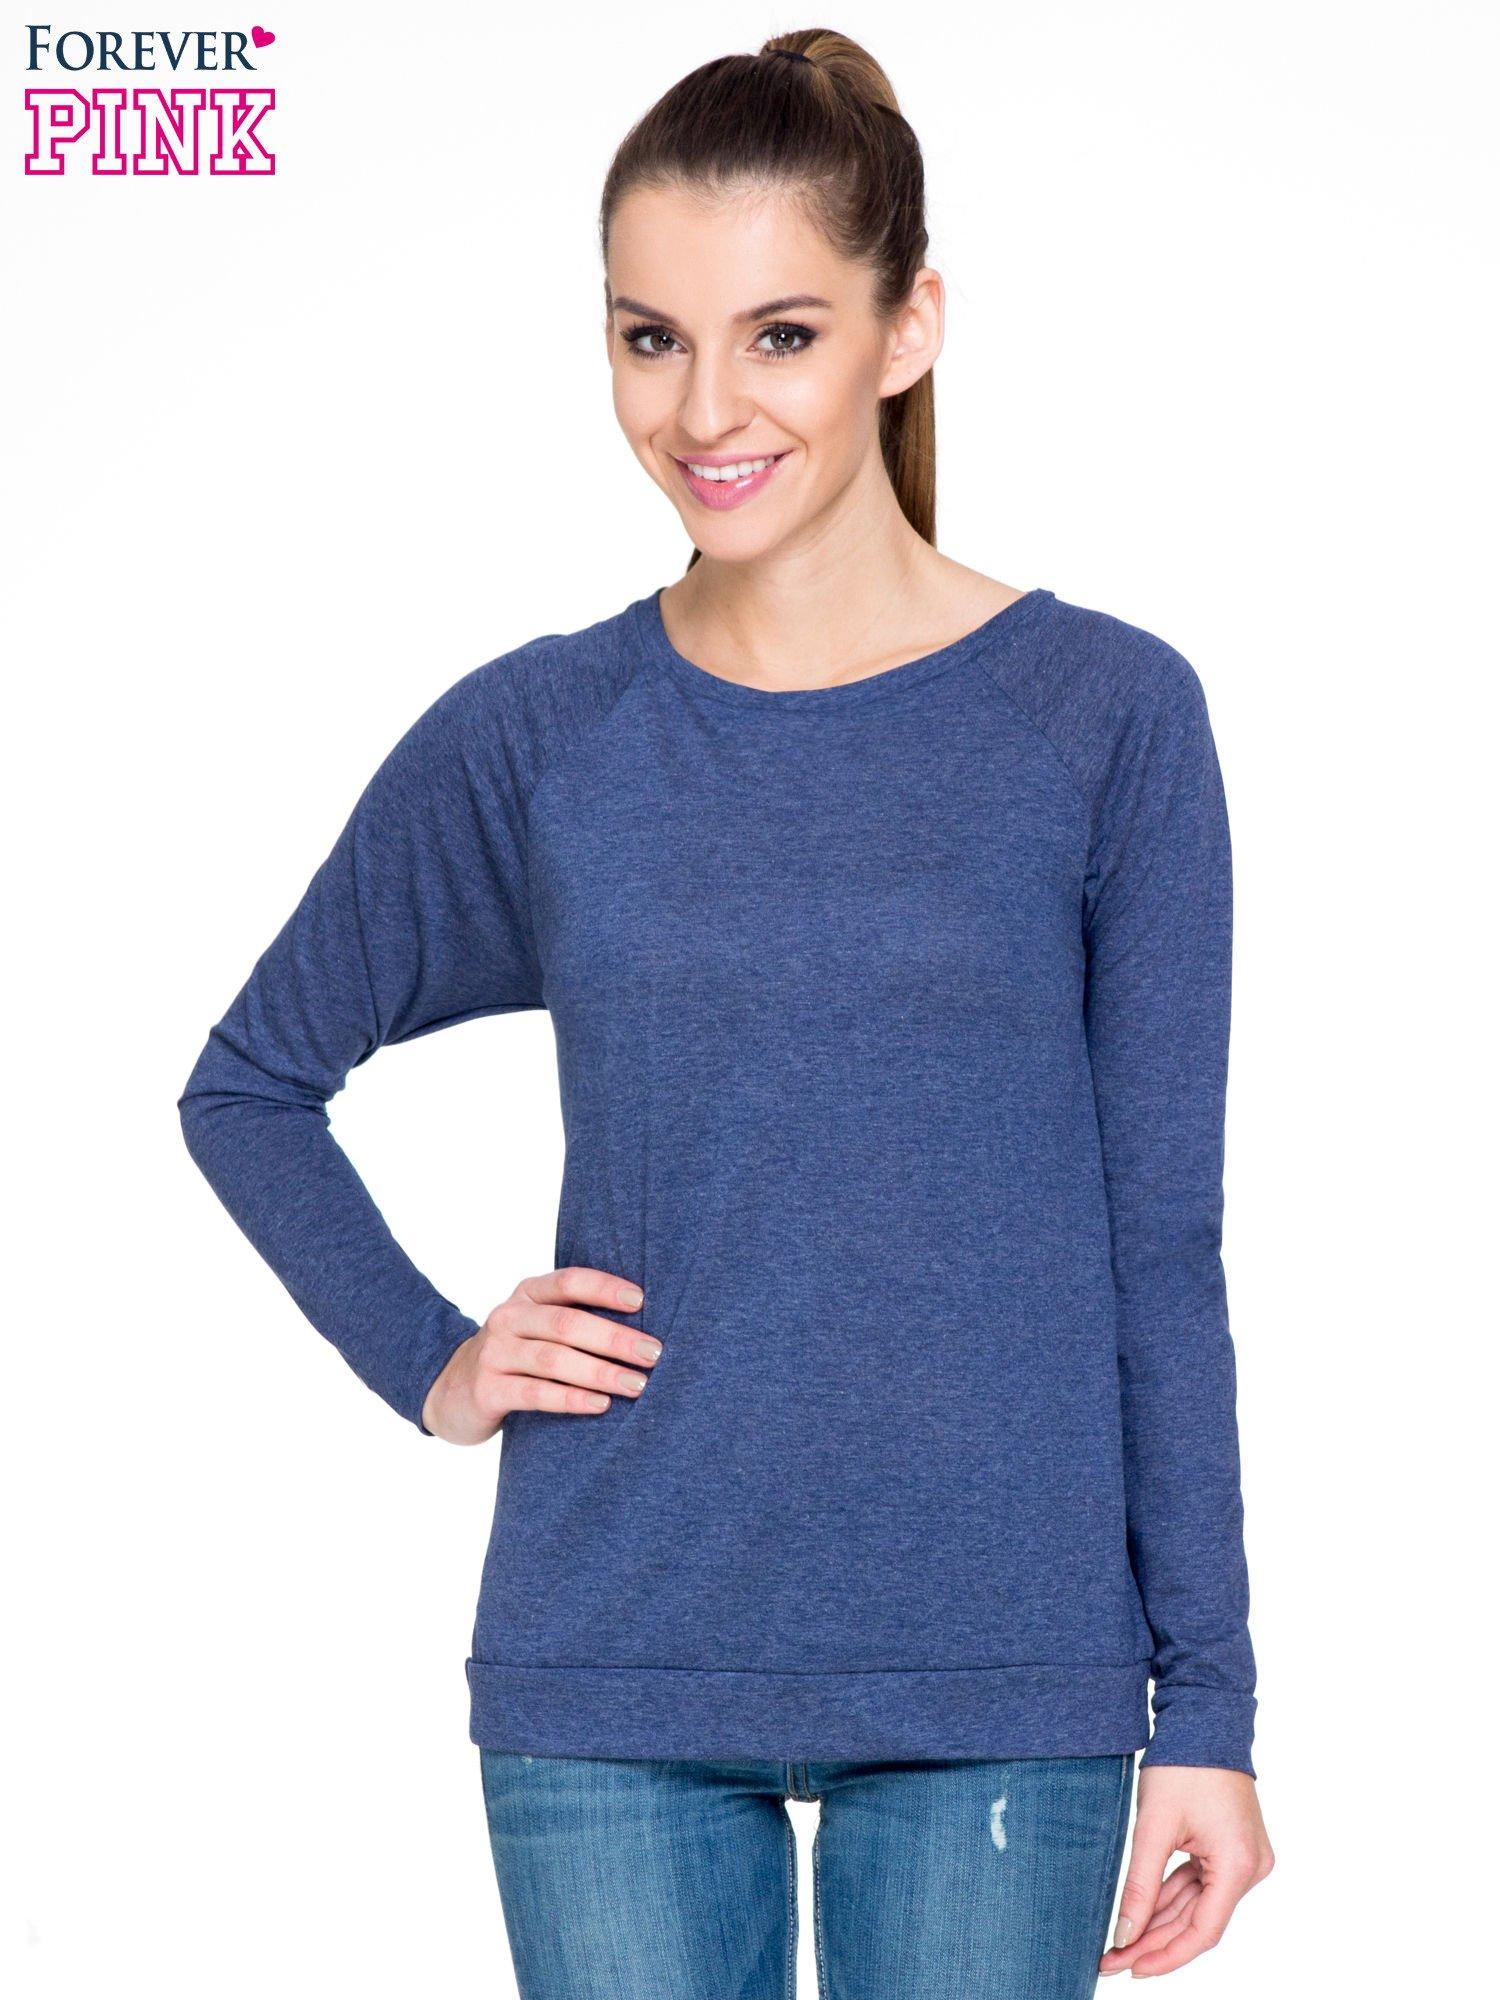 Niebieska melanżowa bawełniana bluzka z rękawami typu reglan                                  zdj.                                  1